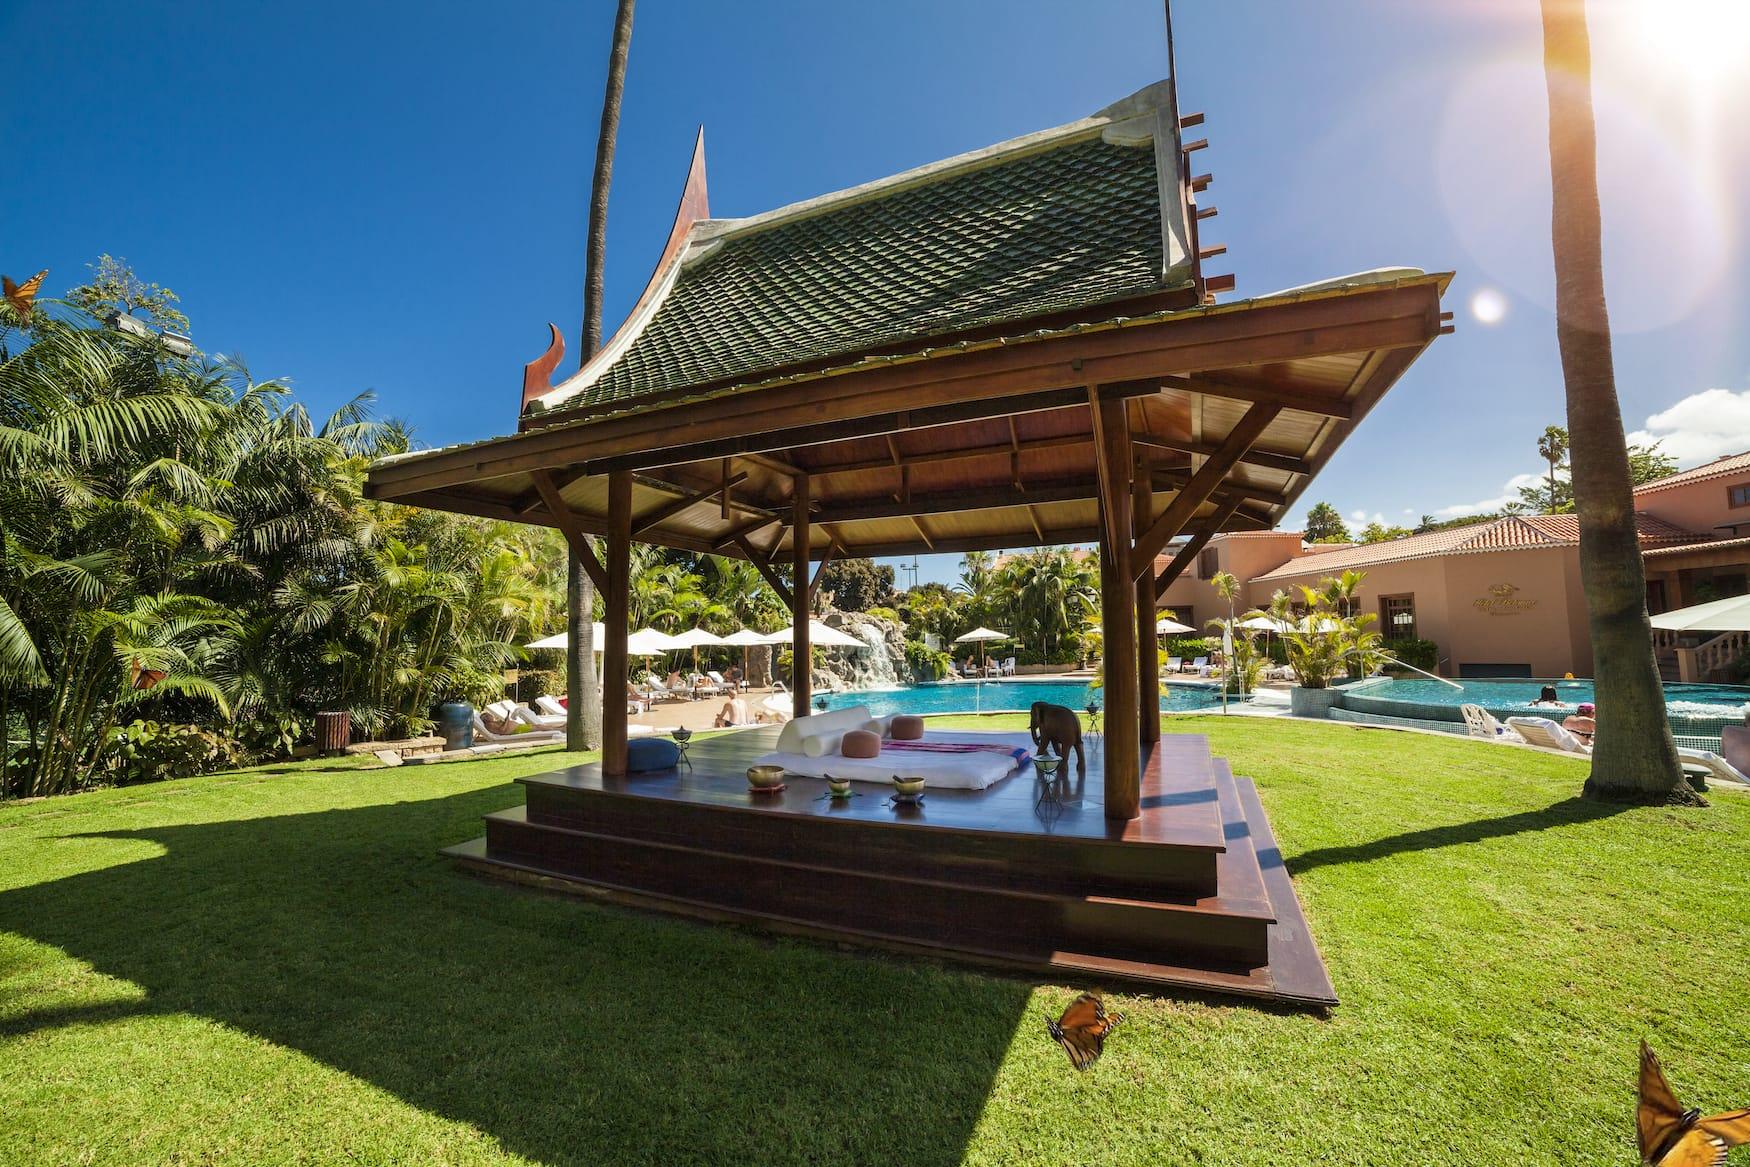 Outdoor Pavillon für Yoga und Meditation in einem Luxushotel auf Teneriffa